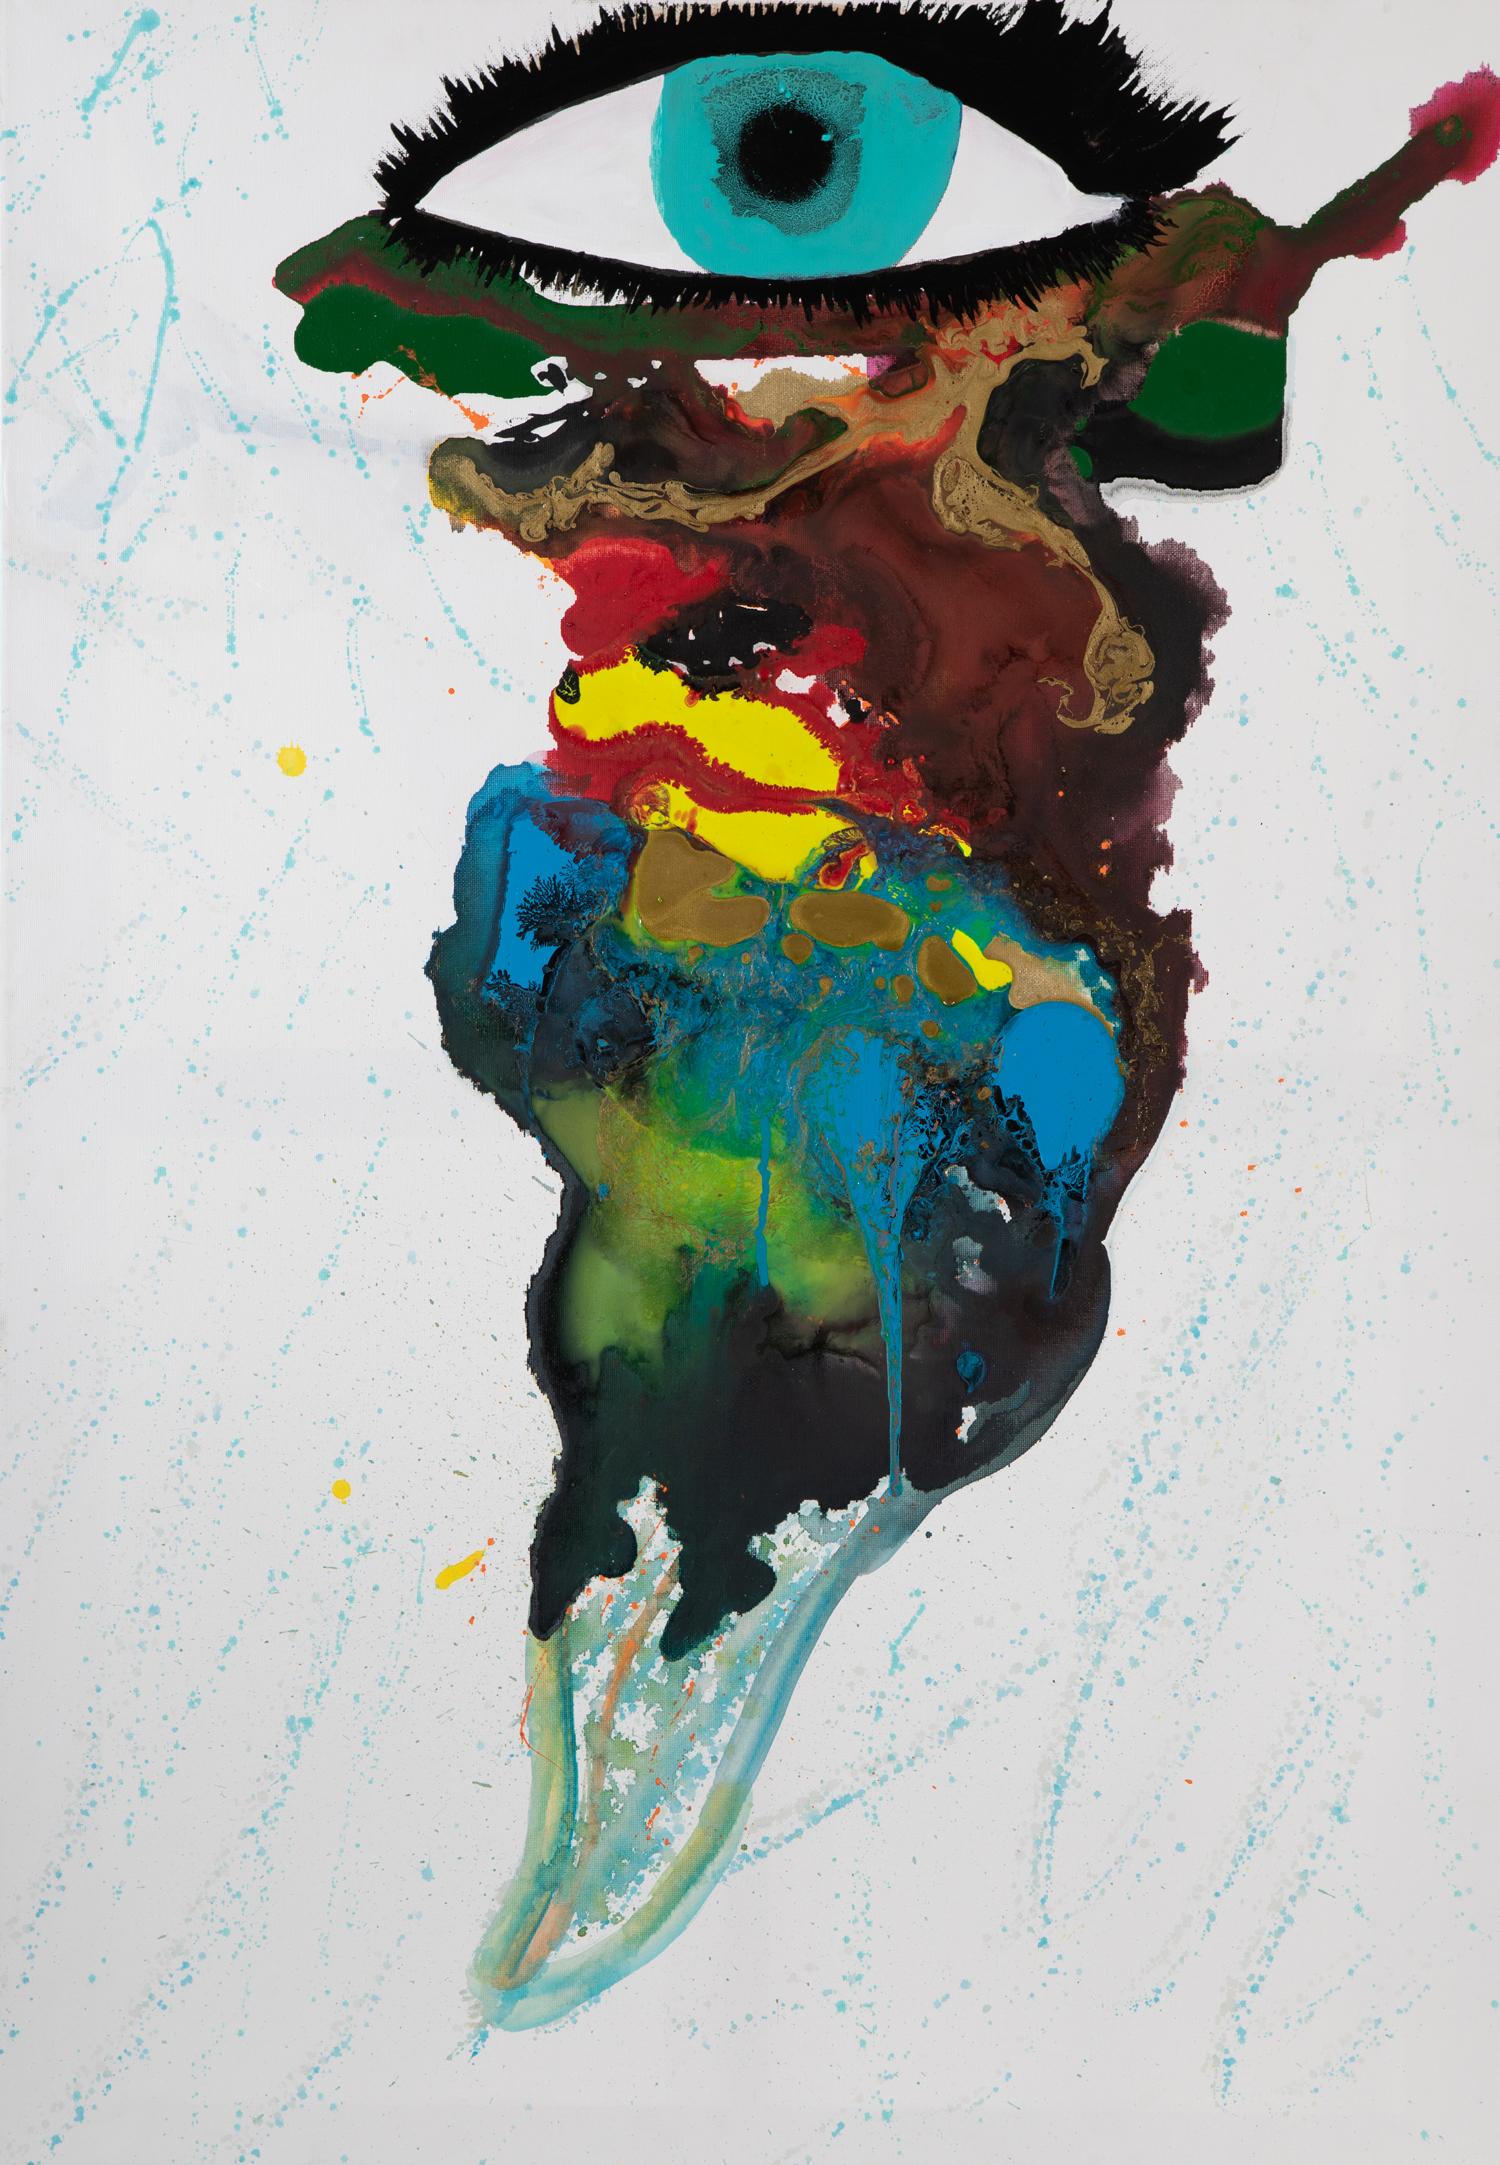 Zukunft im Blick - 2016Acryl auf Leinwand80 x 100 cm